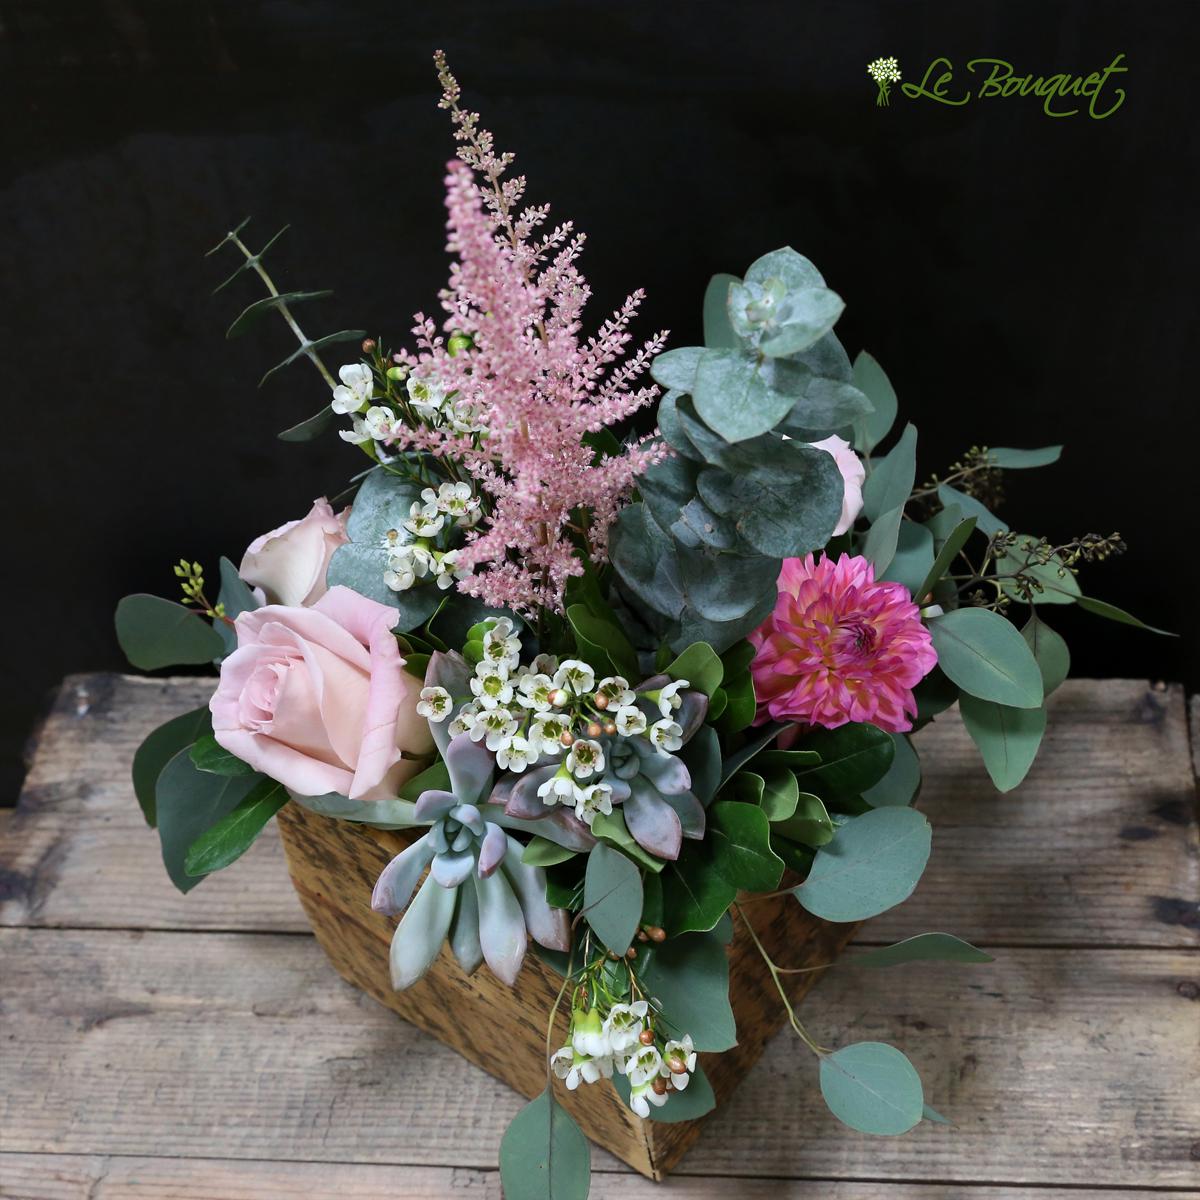 Roses by Claire - Un brin pétillant - 1 | Bouquet mariée